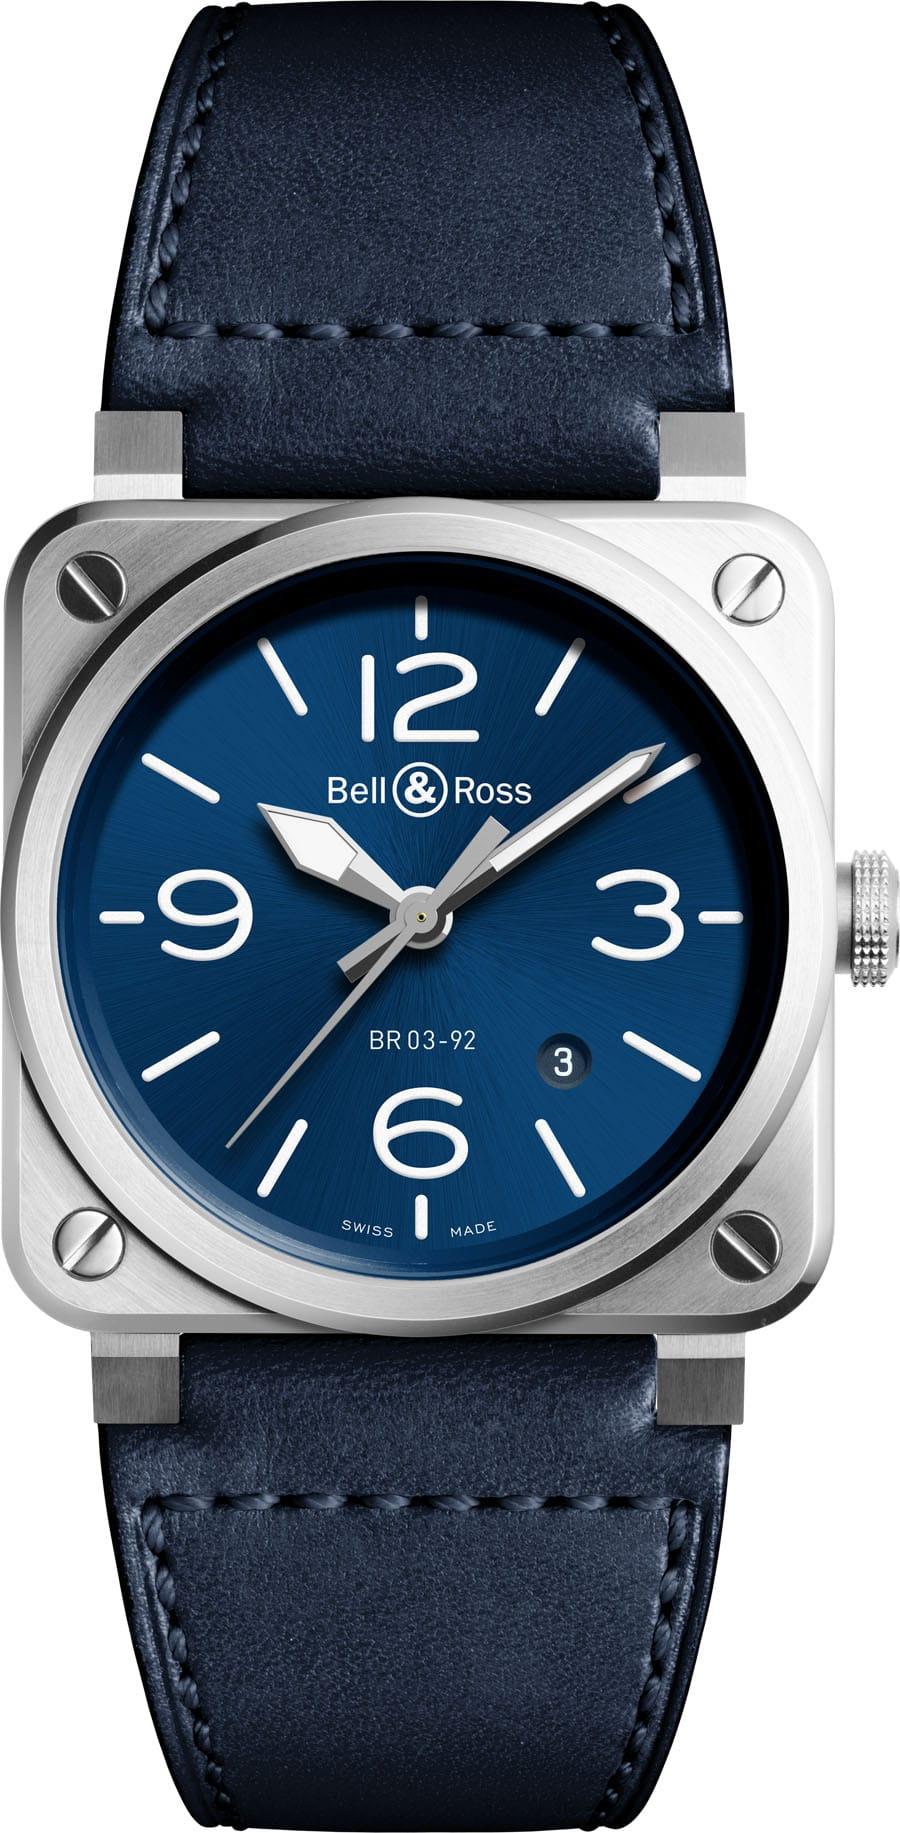 Bell & Ross: BR03-92 Steel Blue